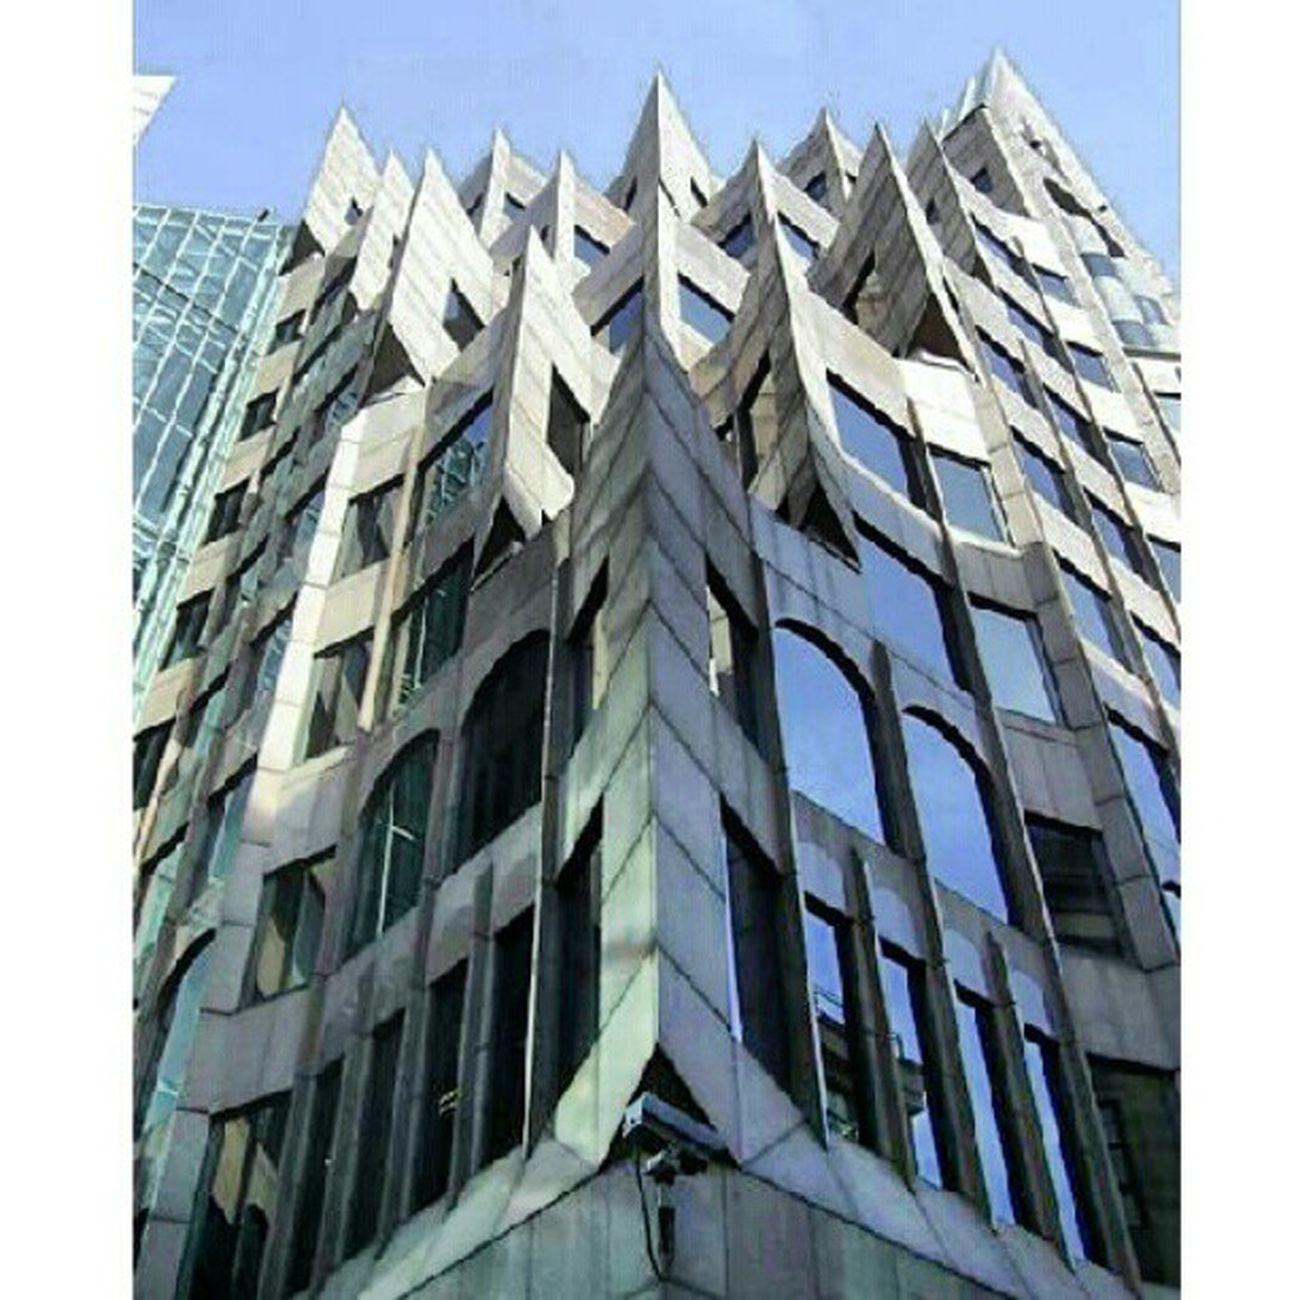 Ein Gebäude in #London ... ca. #2008 war das. Jmd 'ne Idee wo das ist? Building London Amazing 2008